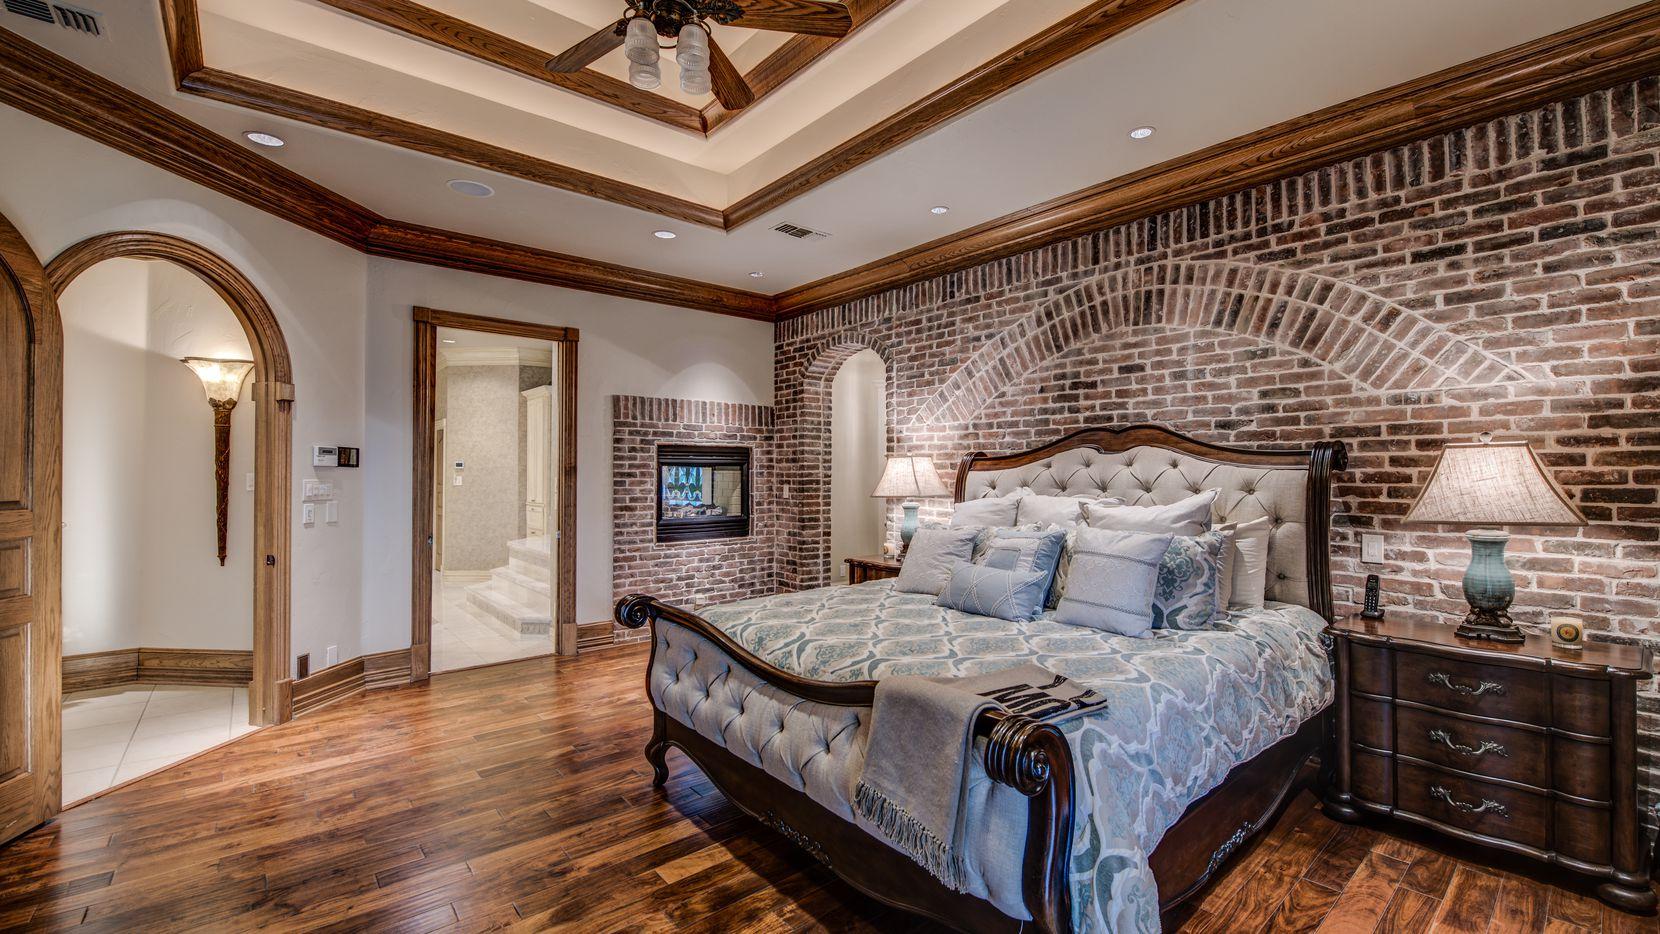 Foto de una owner's suite, antes conocida como master bedroom, en una propiedad en Pottsboro, Texas.